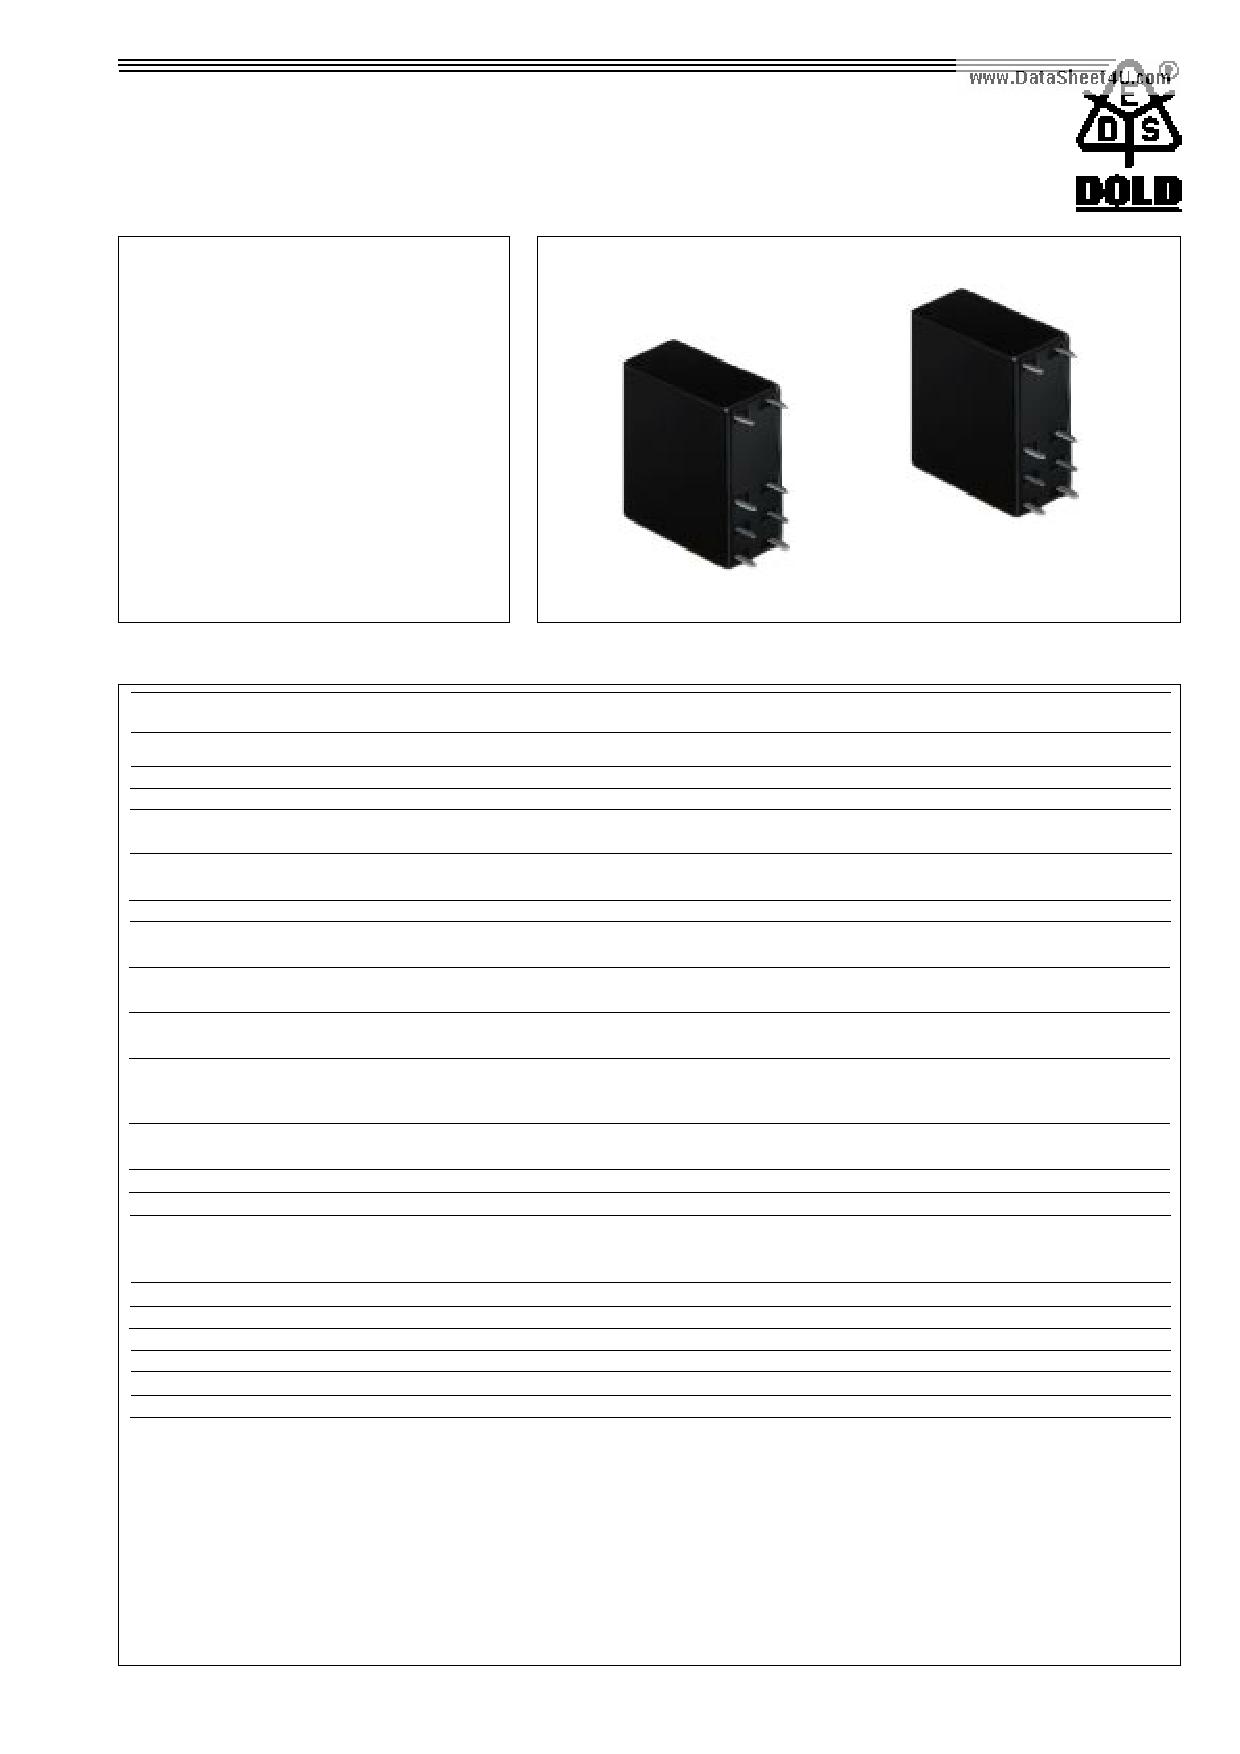 OA5669 datasheet